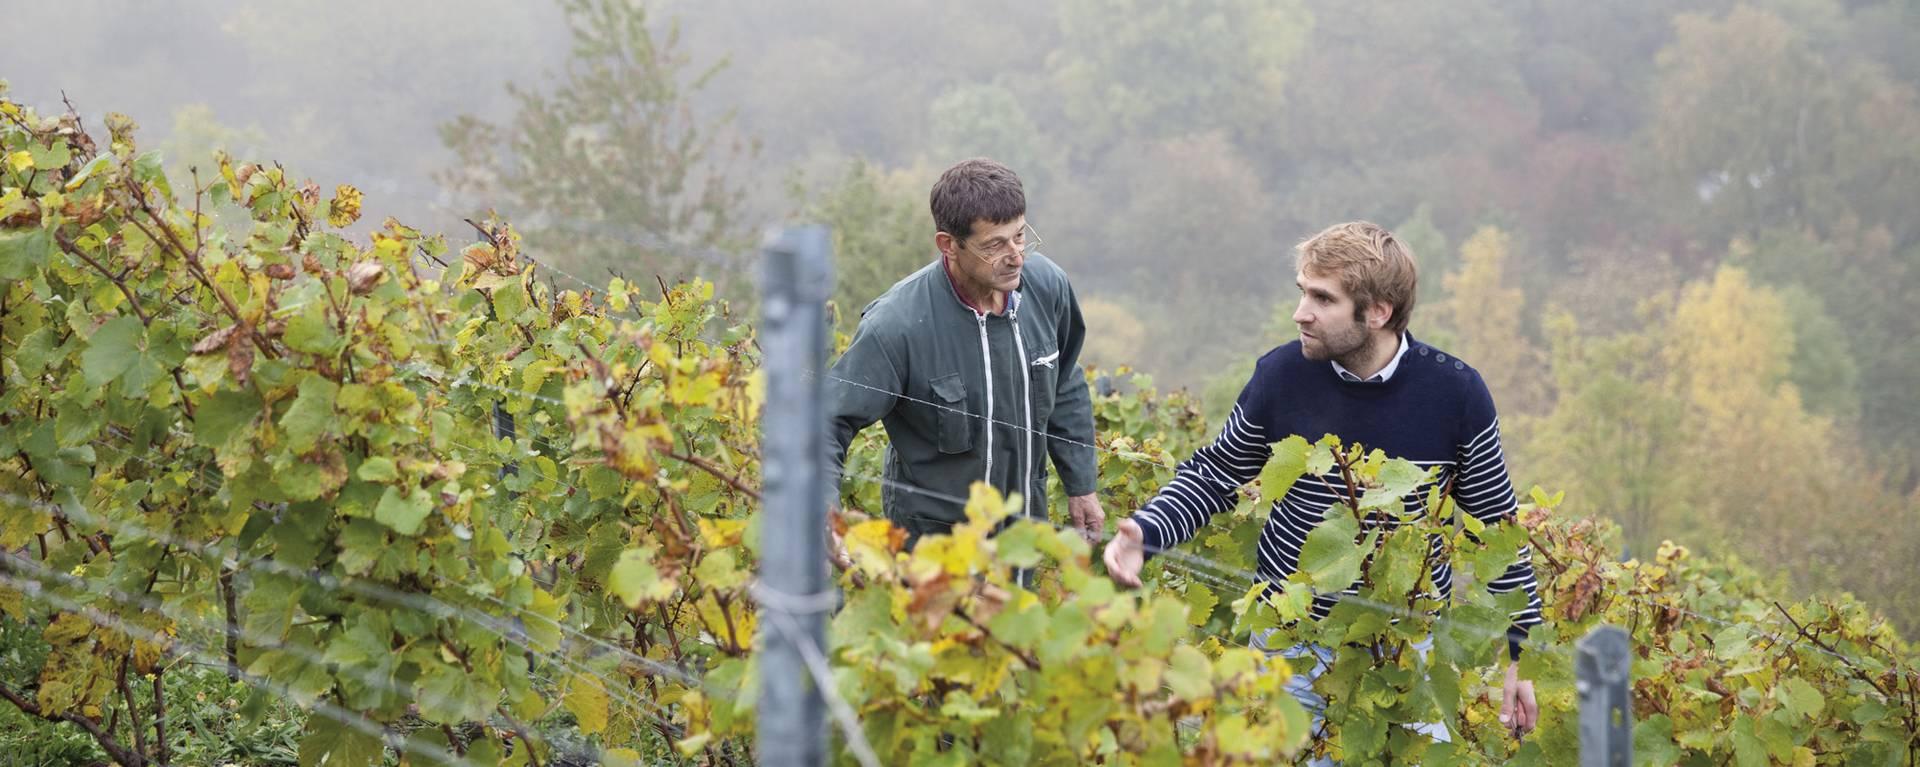 Le viticulteur et ses vignes © Brigitte Baudesson